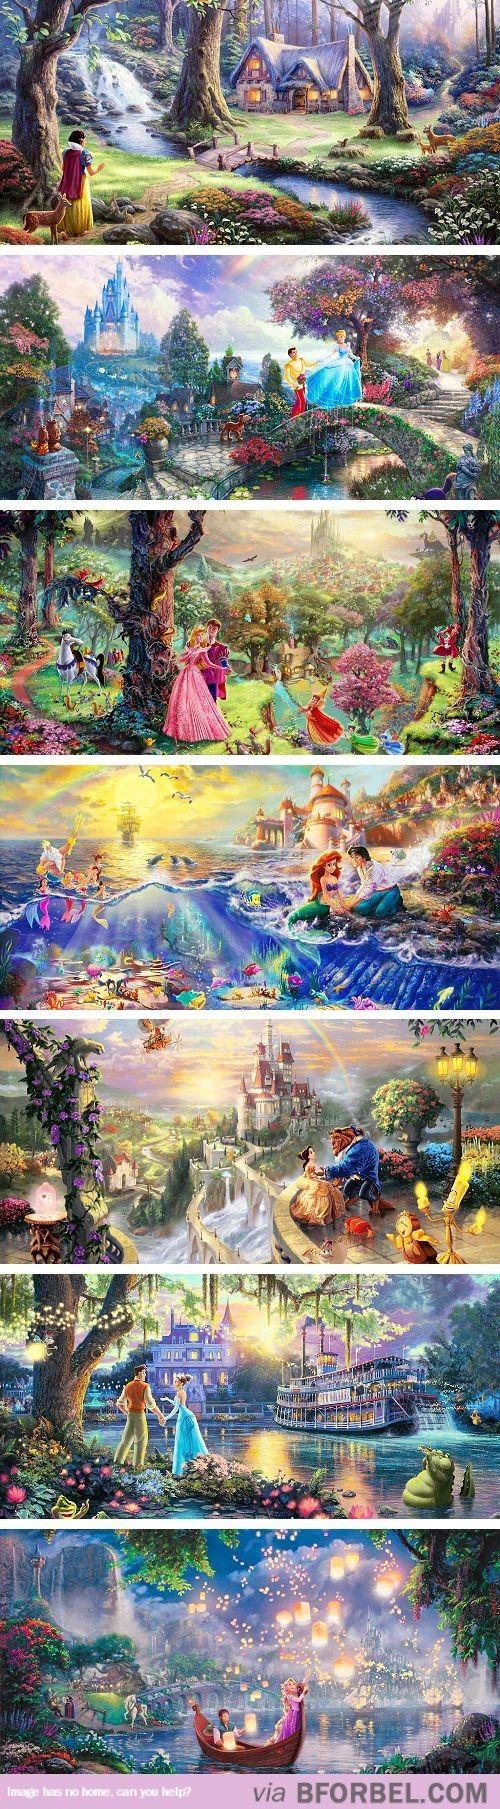 7 Disney Paintings…